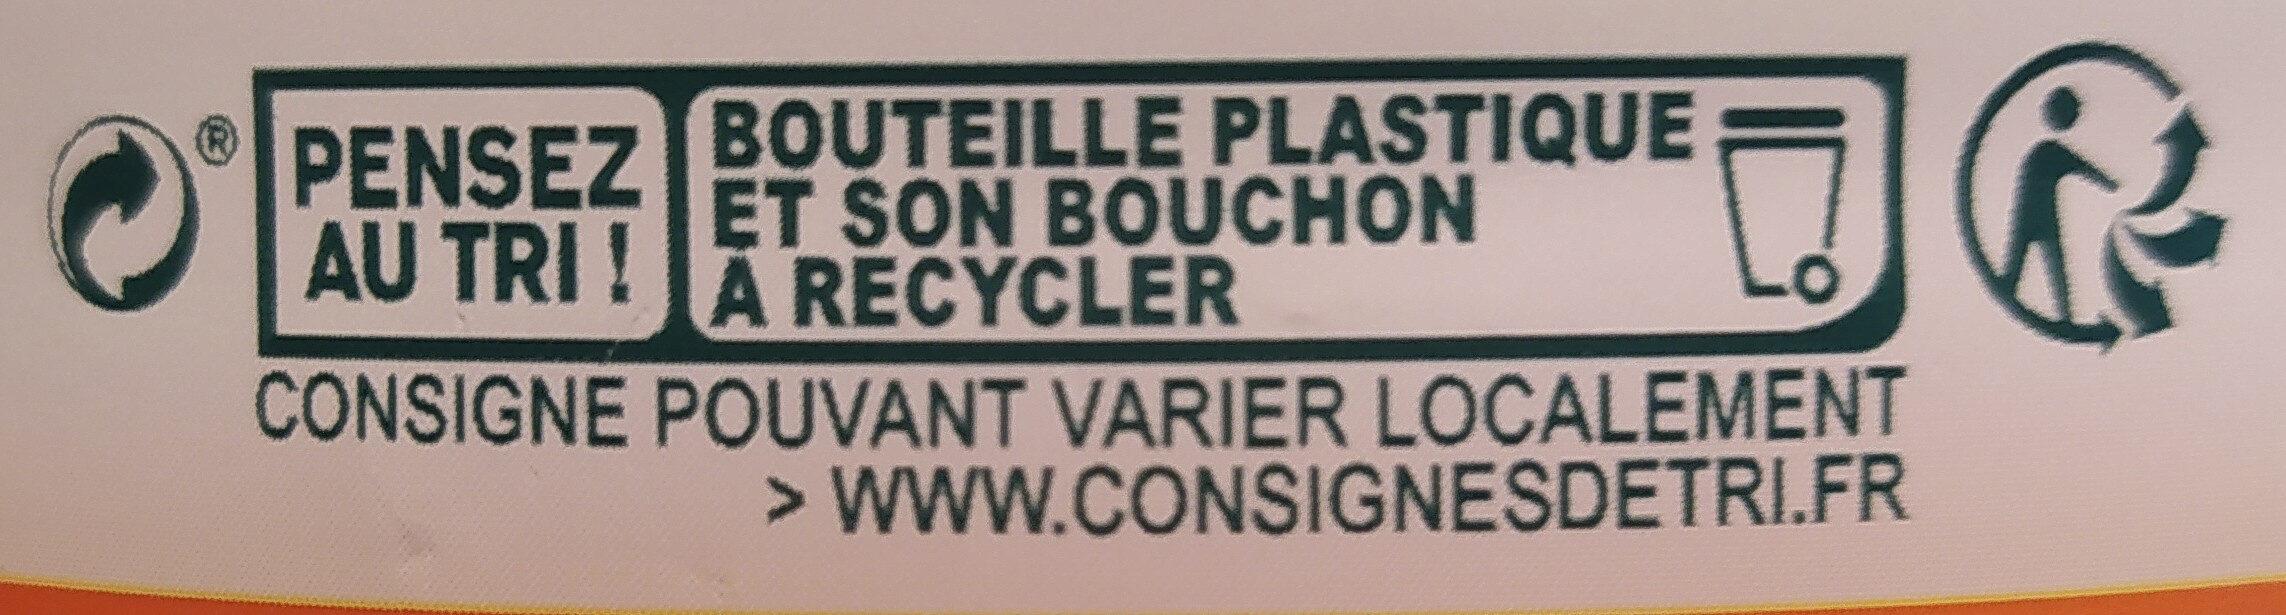 Jus d'ORANGE sans pulpe à base de jus concentré - Instrucciones de reciclaje y/o información de embalaje - fr